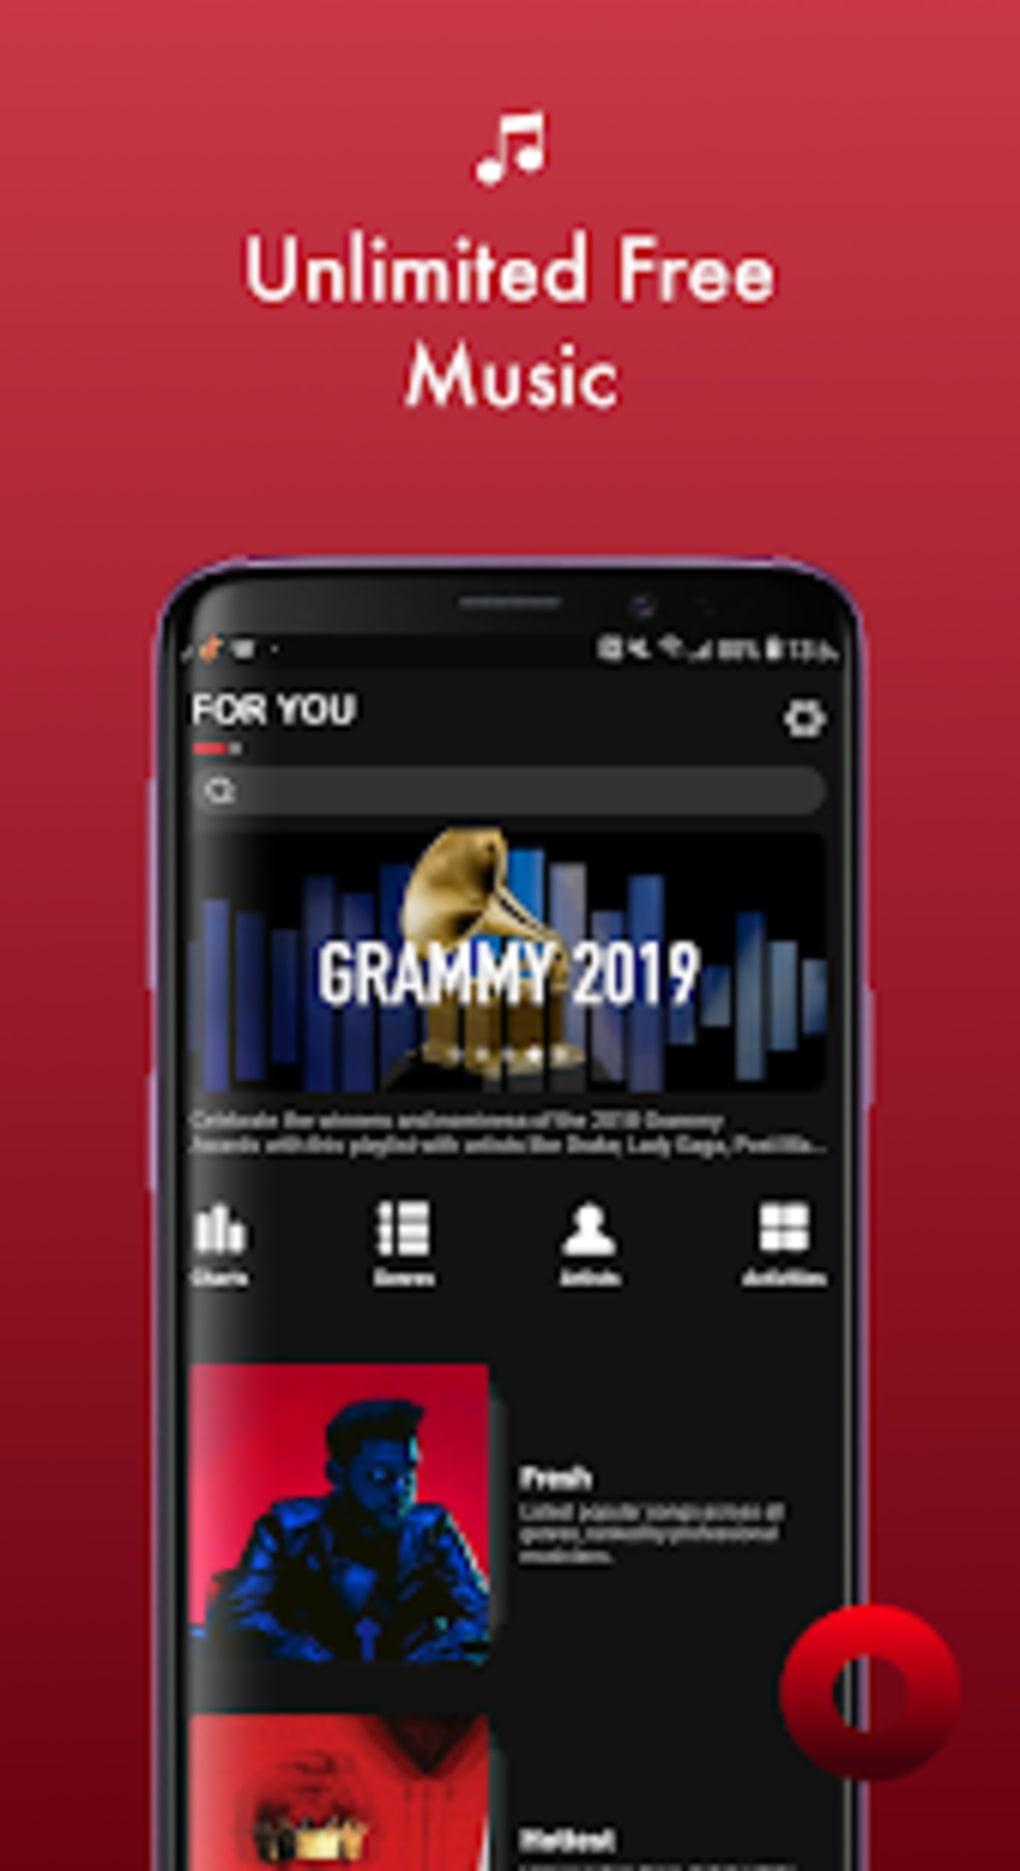 скачать музыку на телефон 2019